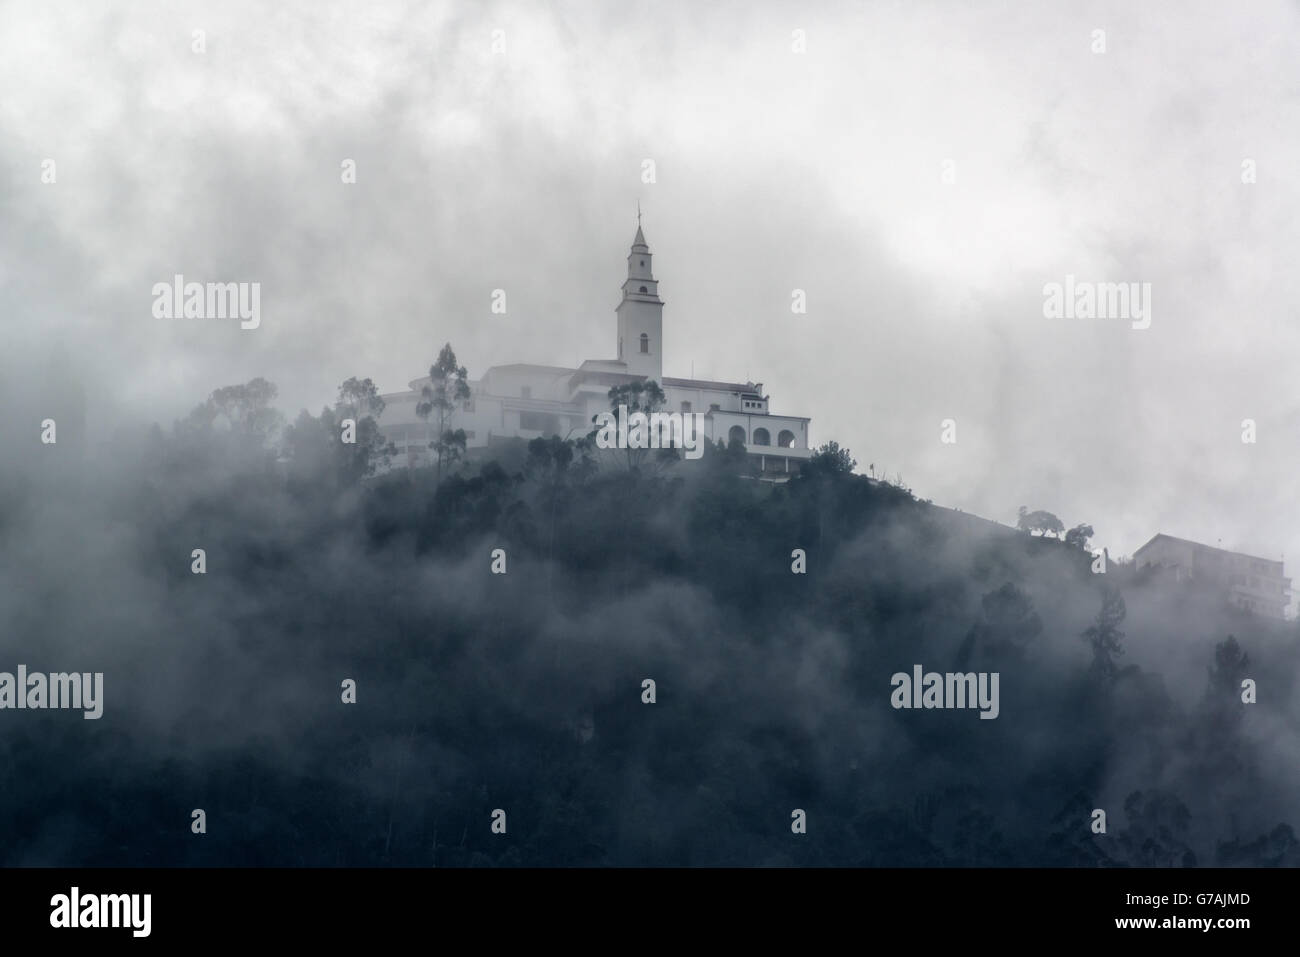 Iglesia de Monserrate en los Andes, las montañas cubiertas de niebla, muy por encima de Bogotá, Colombia Imagen De Stock